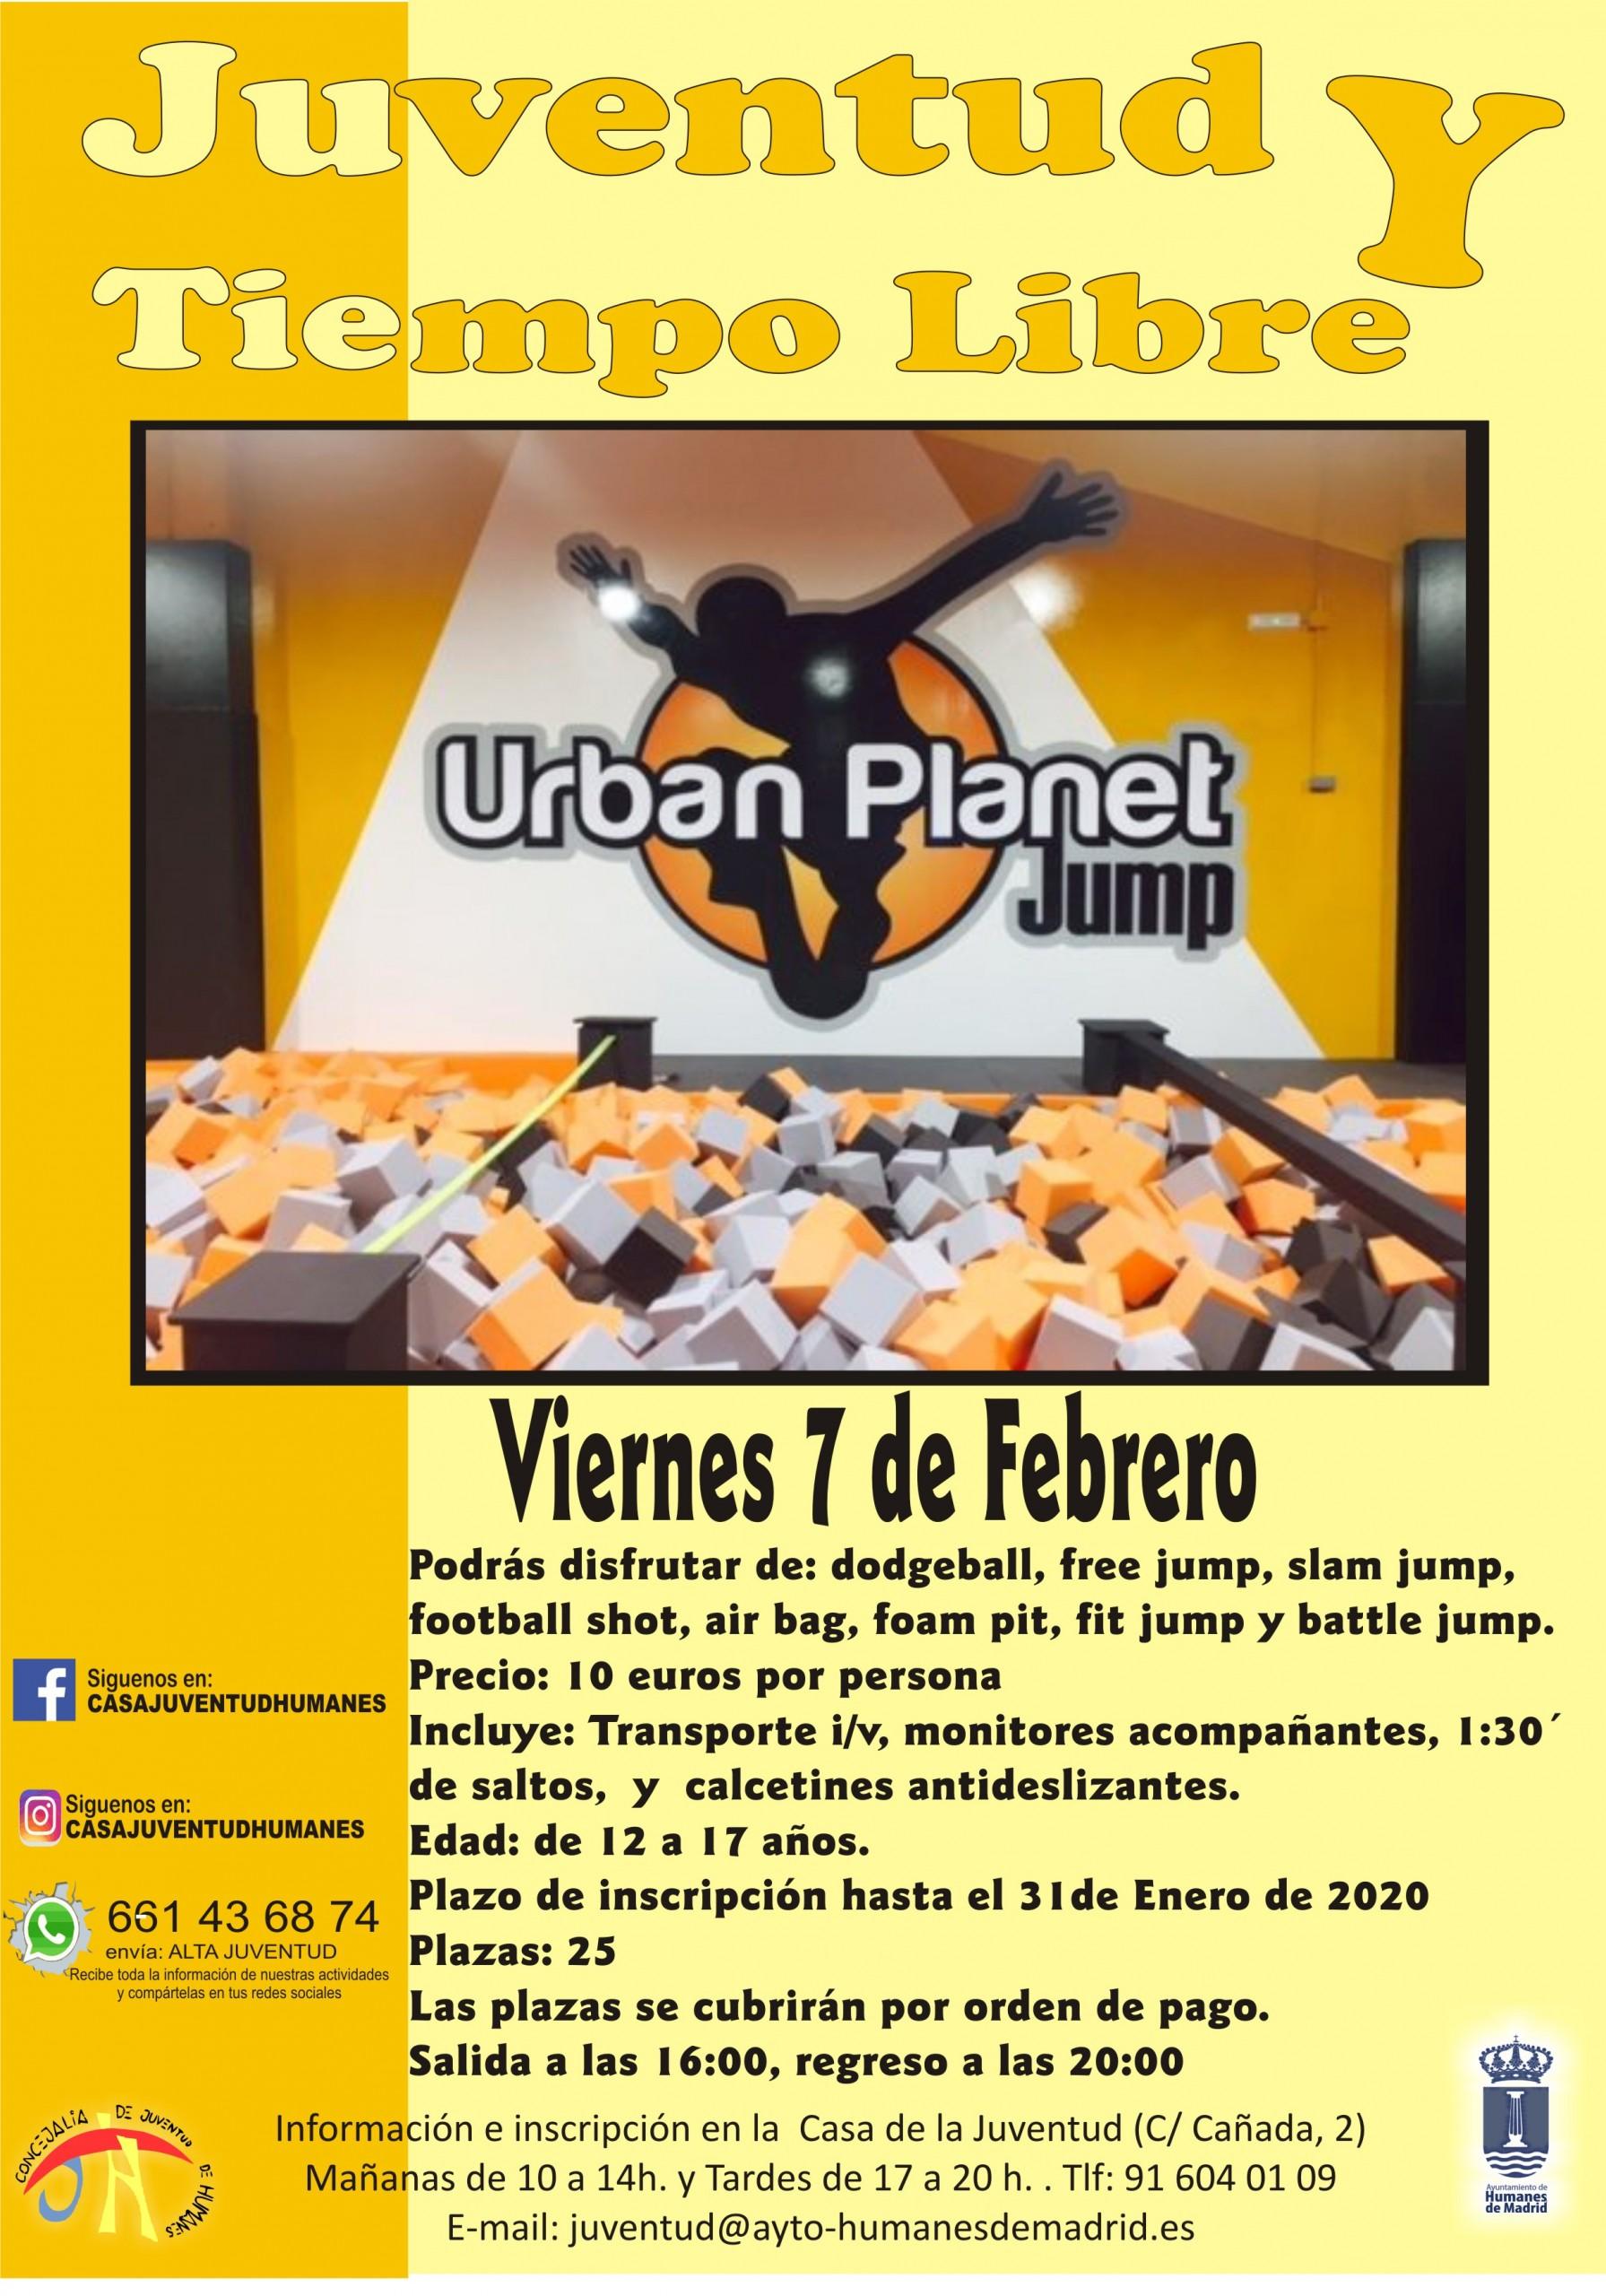 Juventud organiza una jornada de saltos y piruetas en el «Urban Planet Jump».